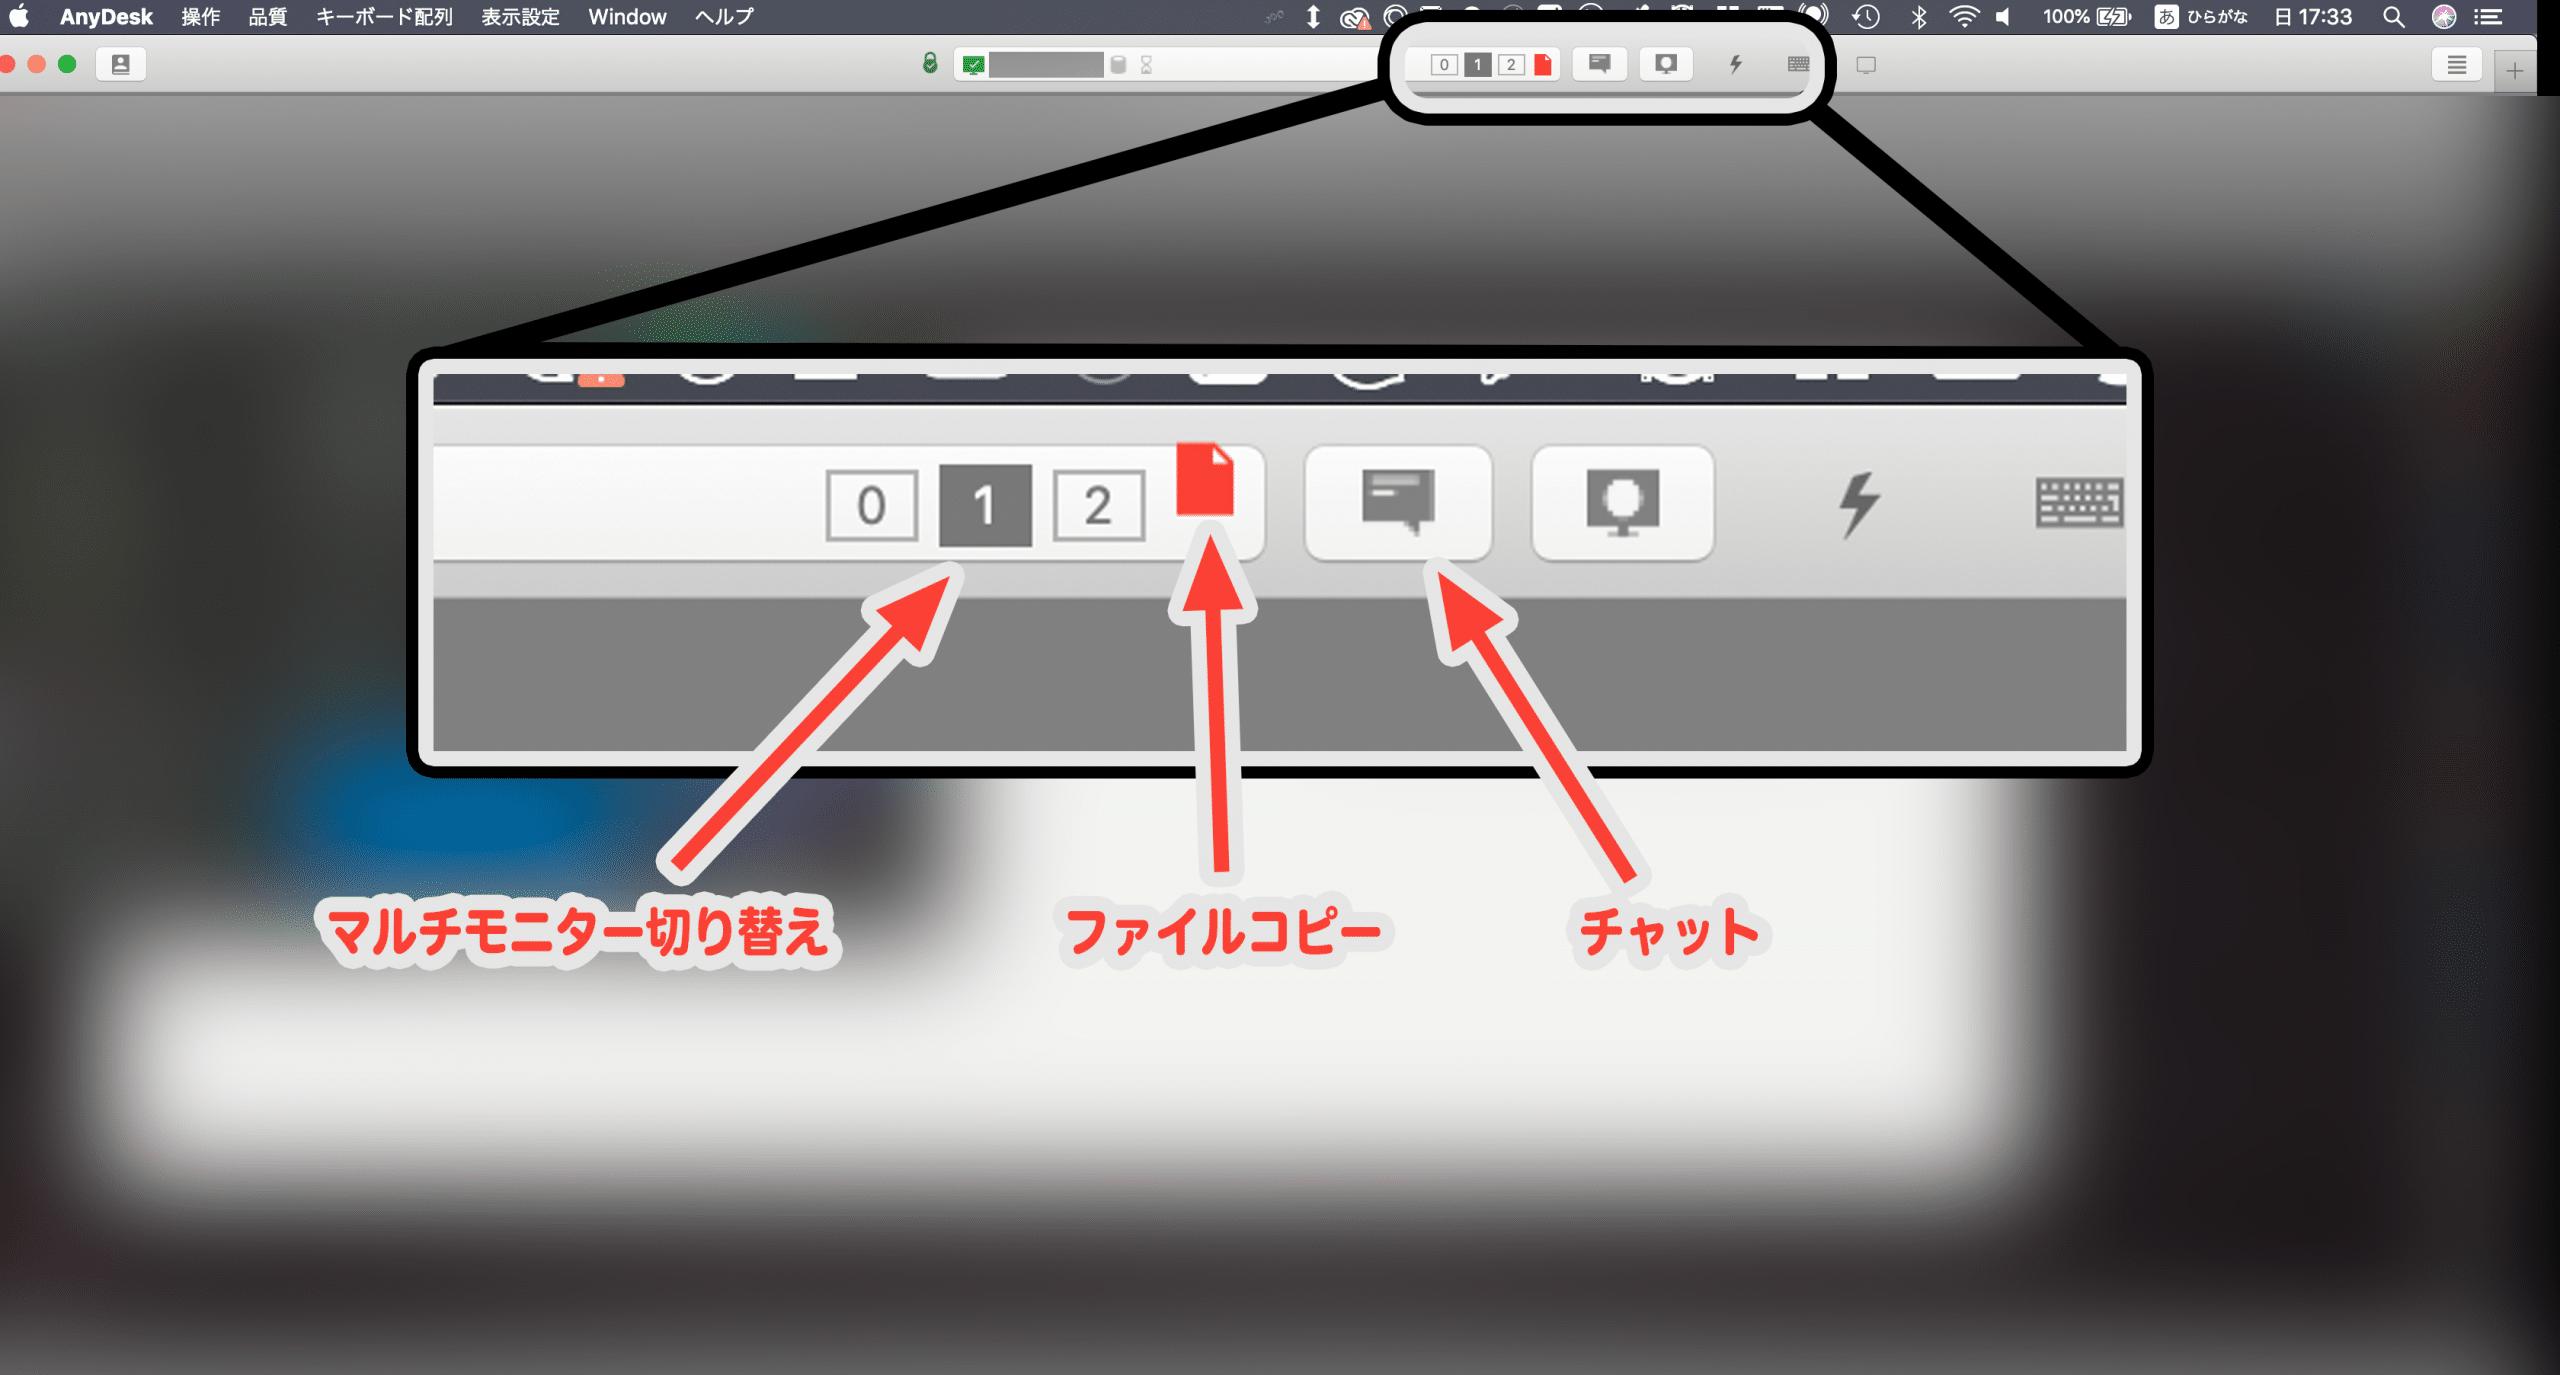 mltmntr - 無料リモートPCソフト「Anydesk」のダウンロード から設定まで。